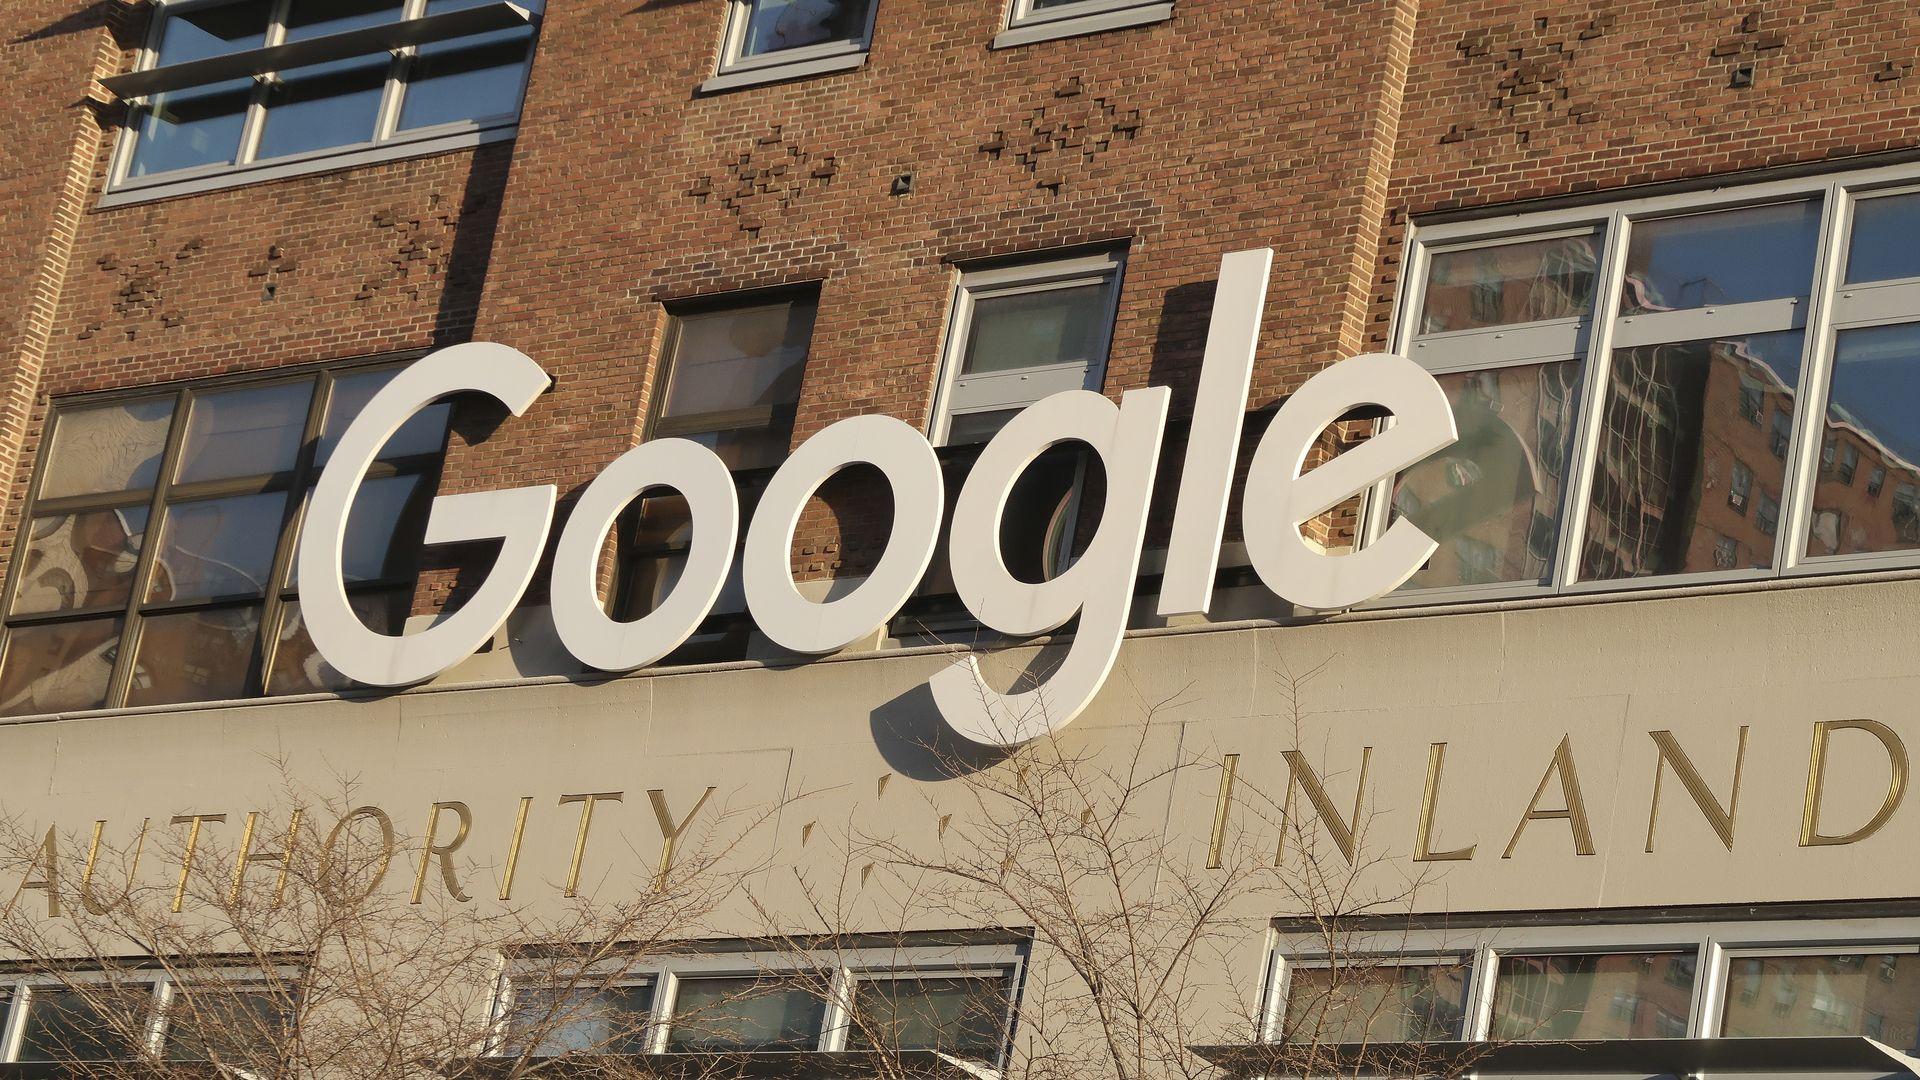 A Google sign